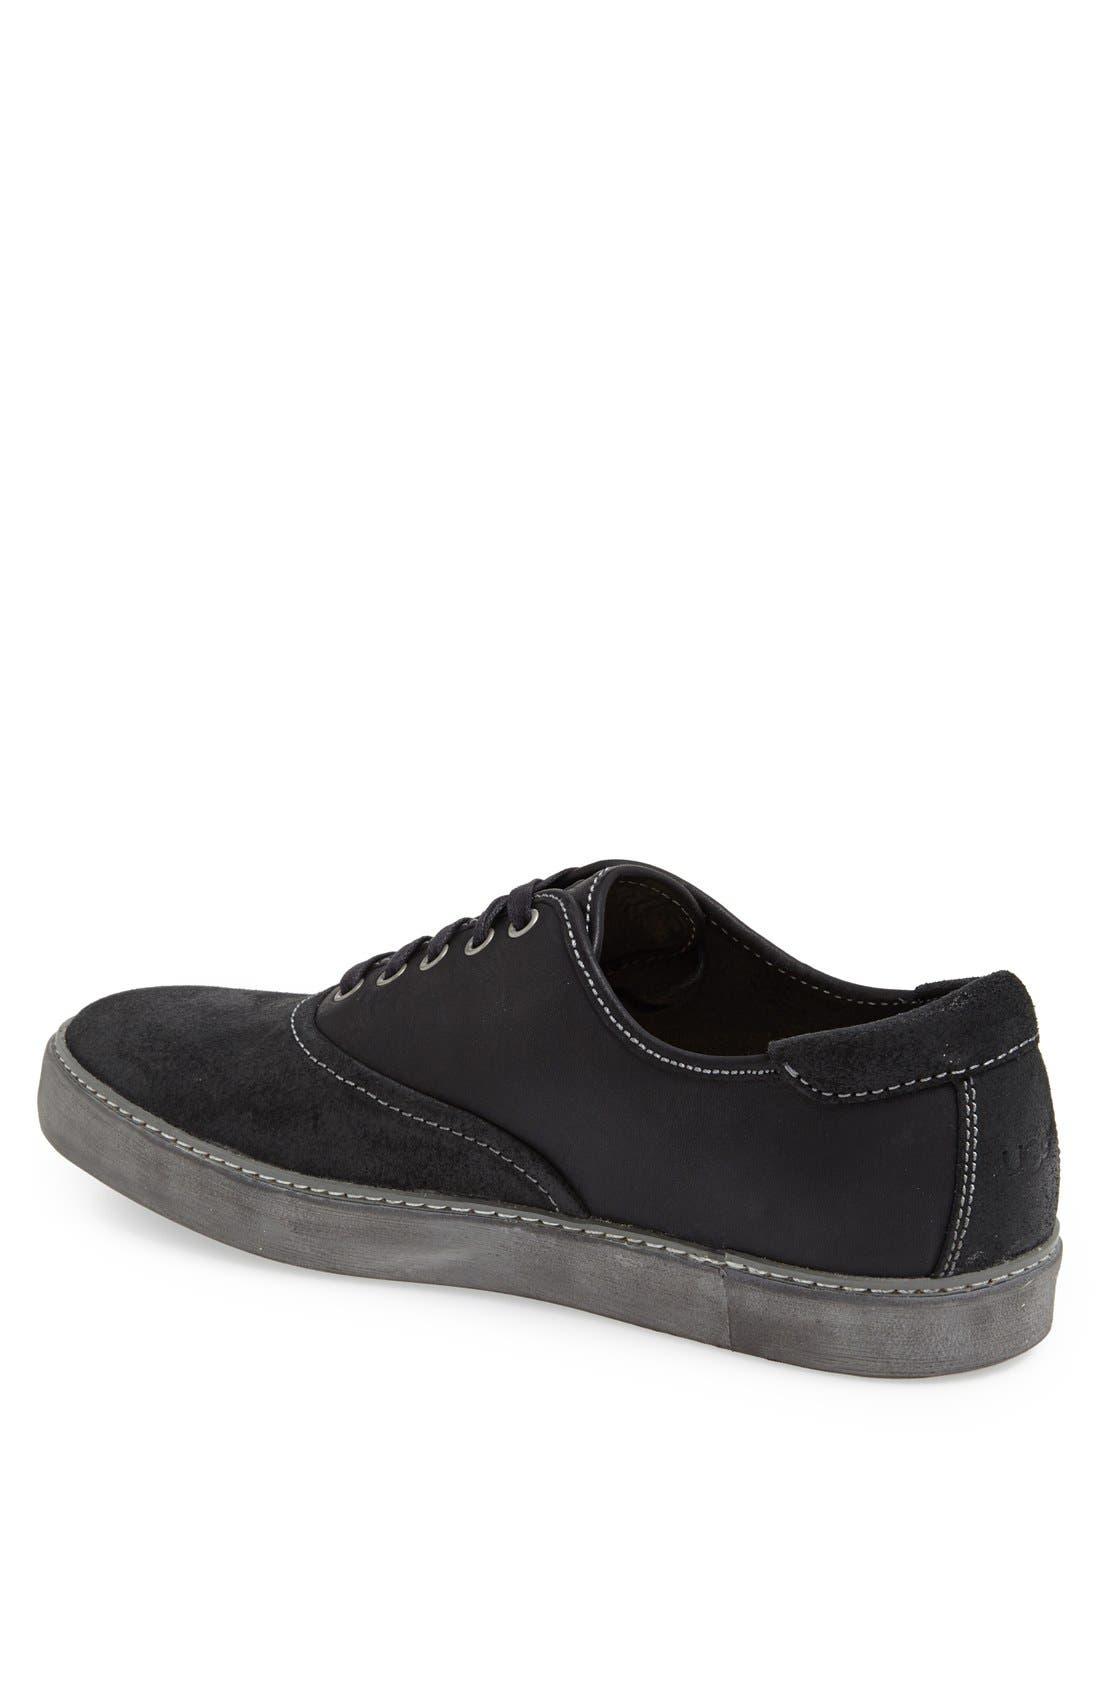 Alternate Image 2  - UGG® Australia 'Garrick' Oxford Sneaker